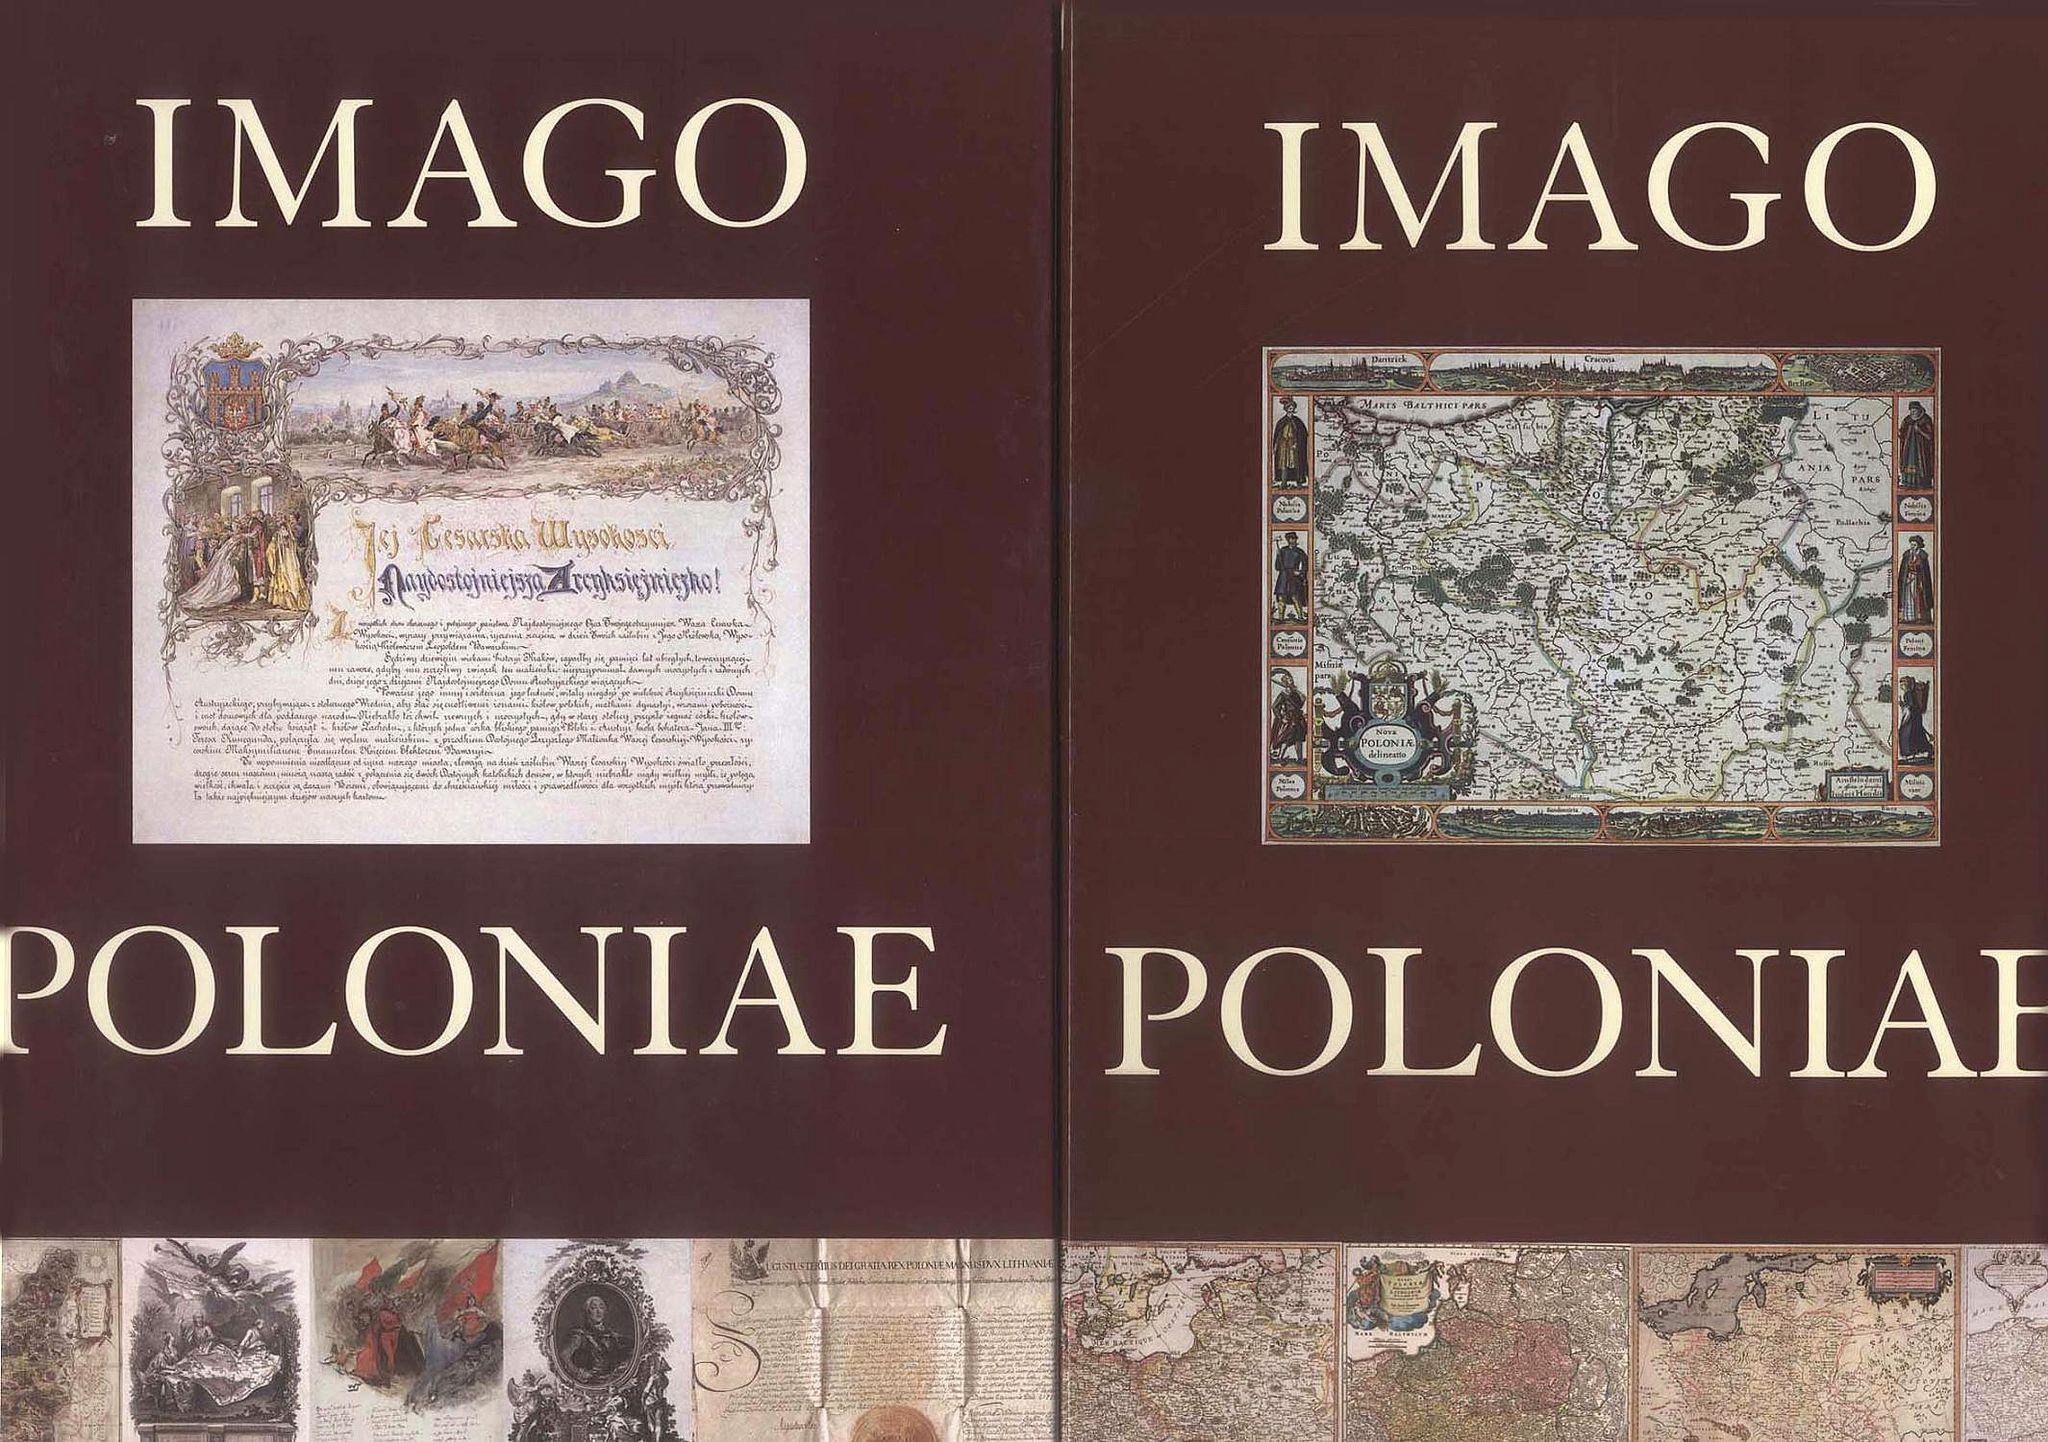 Thomasz Niewodniczanski  -  Imago Poloniae. Das Polnisch-Litauische Reich in Karten, Dokumenten und alten Drucken in der Sammlung von Tomasz Niewodniczanski. (2 volumes)